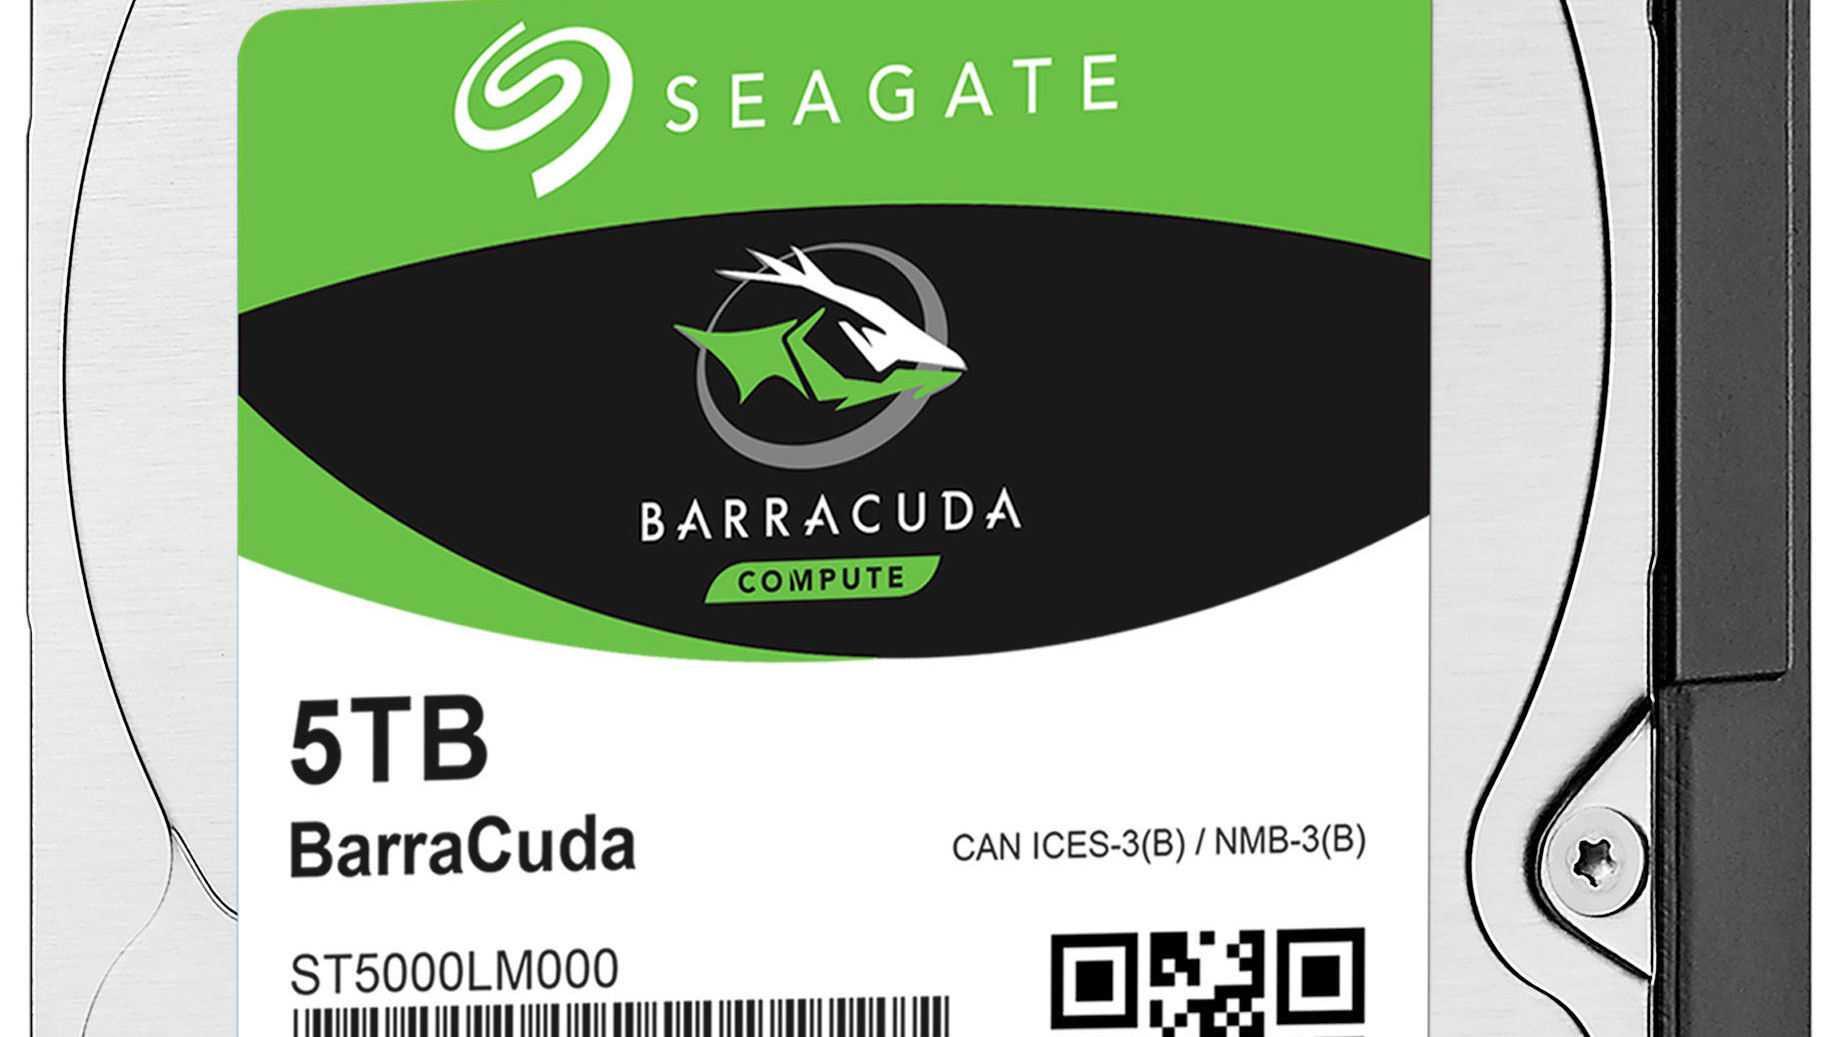 Seagate-Festplatte: 2,5 Zoll, 5 TByte